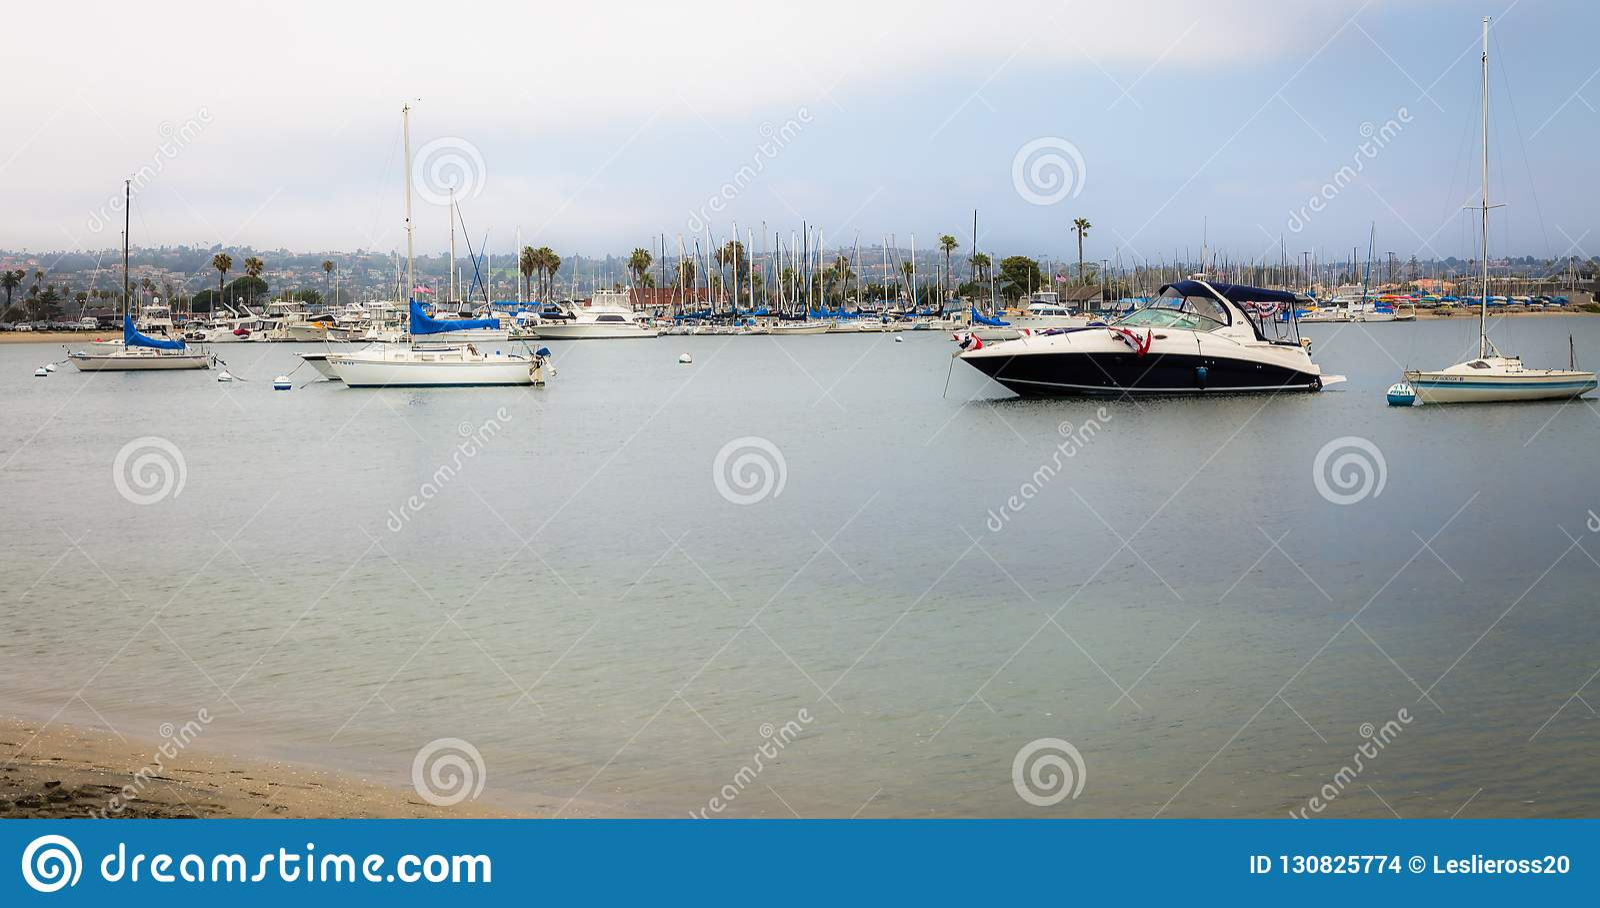 Över vattnet och till ön med fartyg